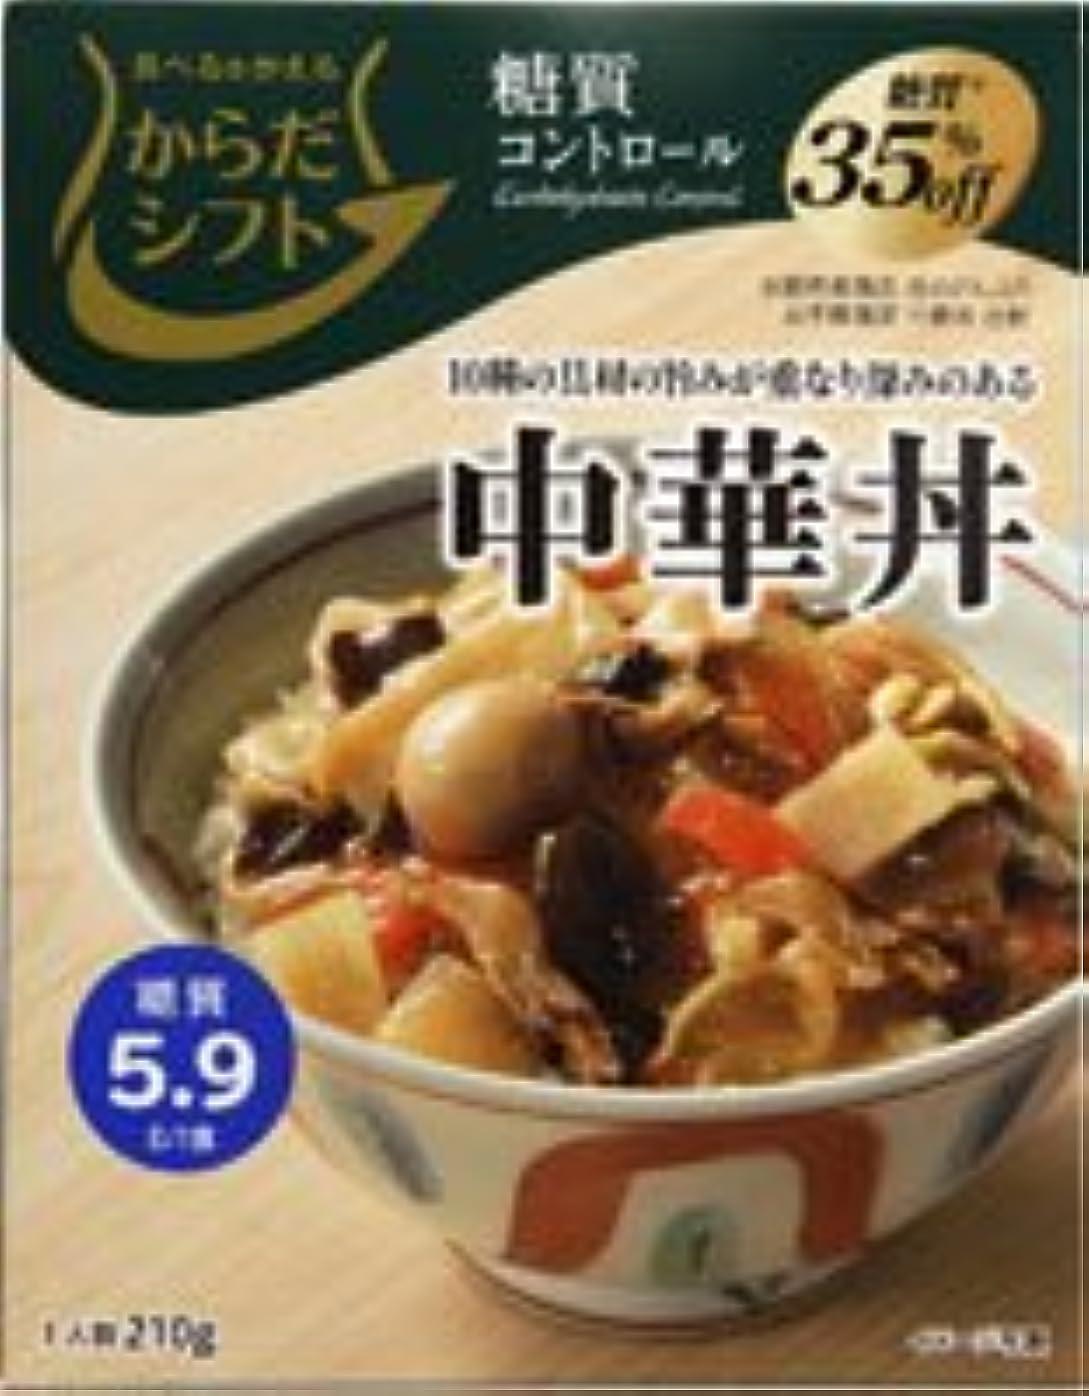 ネブ誘惑うめきからだシフト 糖質コントロール 中華丼210g【5個セット】